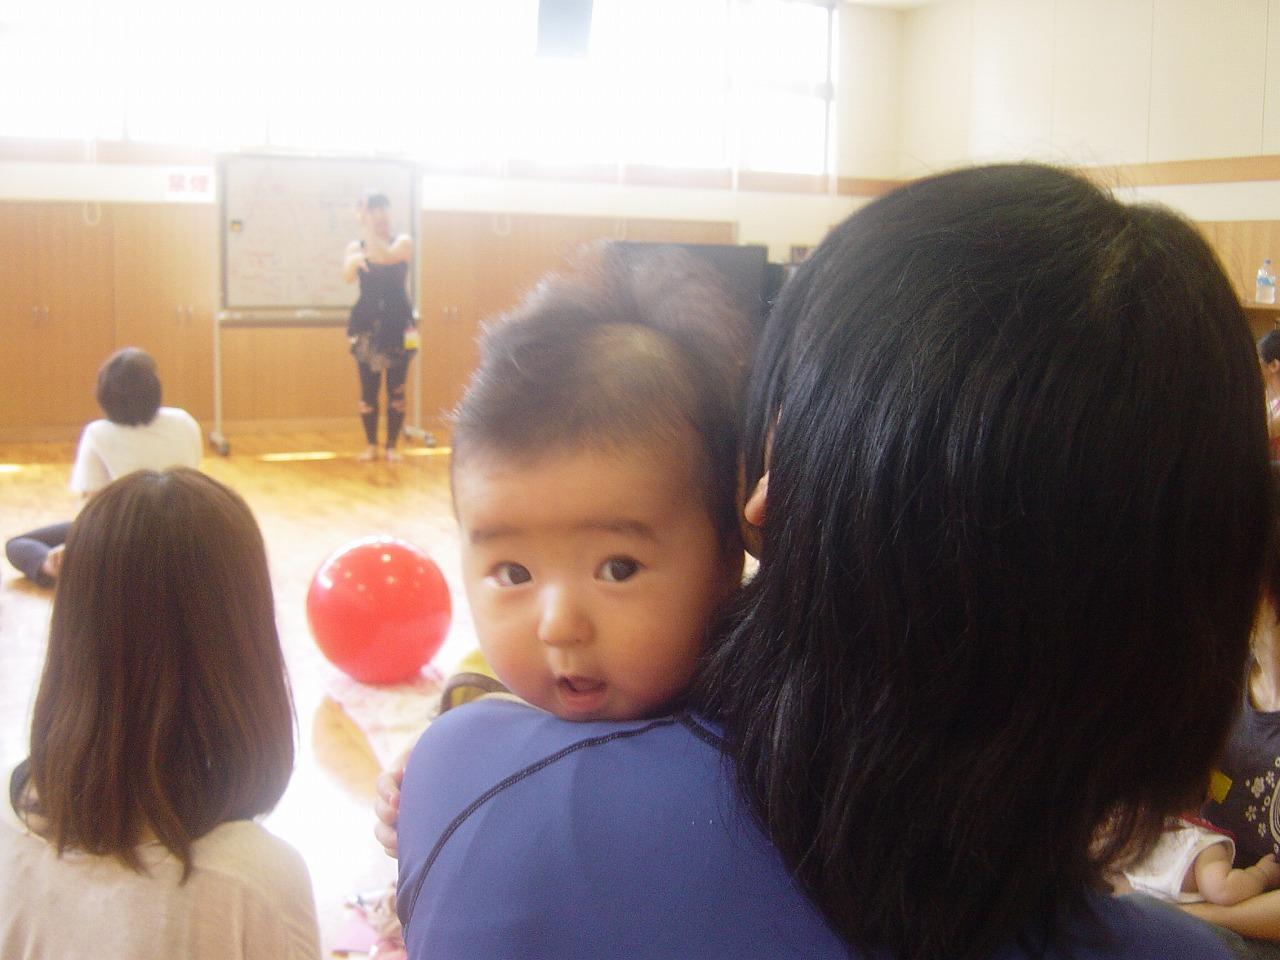 090520 ひかる先生WS赤ちゃん.jpg